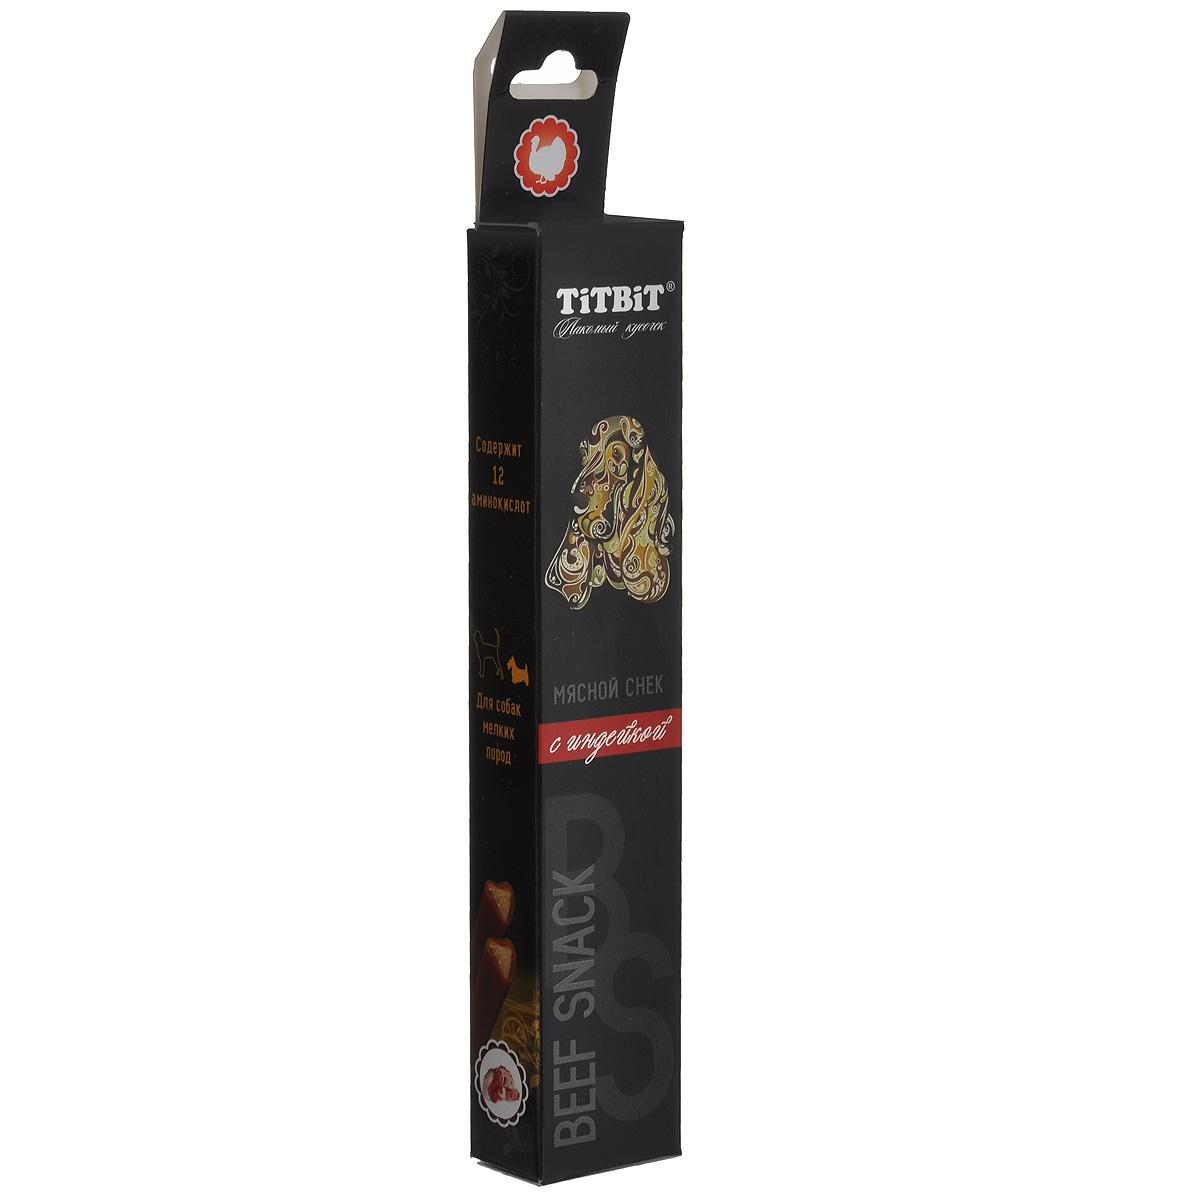 Лакомство Titbit, для собак мелких пород, снек мясной, с индейкой, 40 г4500Мясной снек Titbit со вкусом индейки - это вкусное и полезное лакомство для собак мелких пород. Натуральная мясная начинка придает снеку непревзойденный вкус и аромат, а благодаря специально разработанной текстуре, снек эффективно удаляет мягкий зубной налет.Состав: рис, мясо и субпродукты (минимум 40%, из которых 60% индейки), клетчатка, лецитин, яичный белок, минеральный комплекс, натуральный ароматизатор, натуральный краситель.Пищевая ценность в 100 г: белки - 11 г, жиры - 2,5 г, зола- 2 г, клетчатка- 2 г, влага - 12 г.Вес: 40 г.Товар сертифицирован.